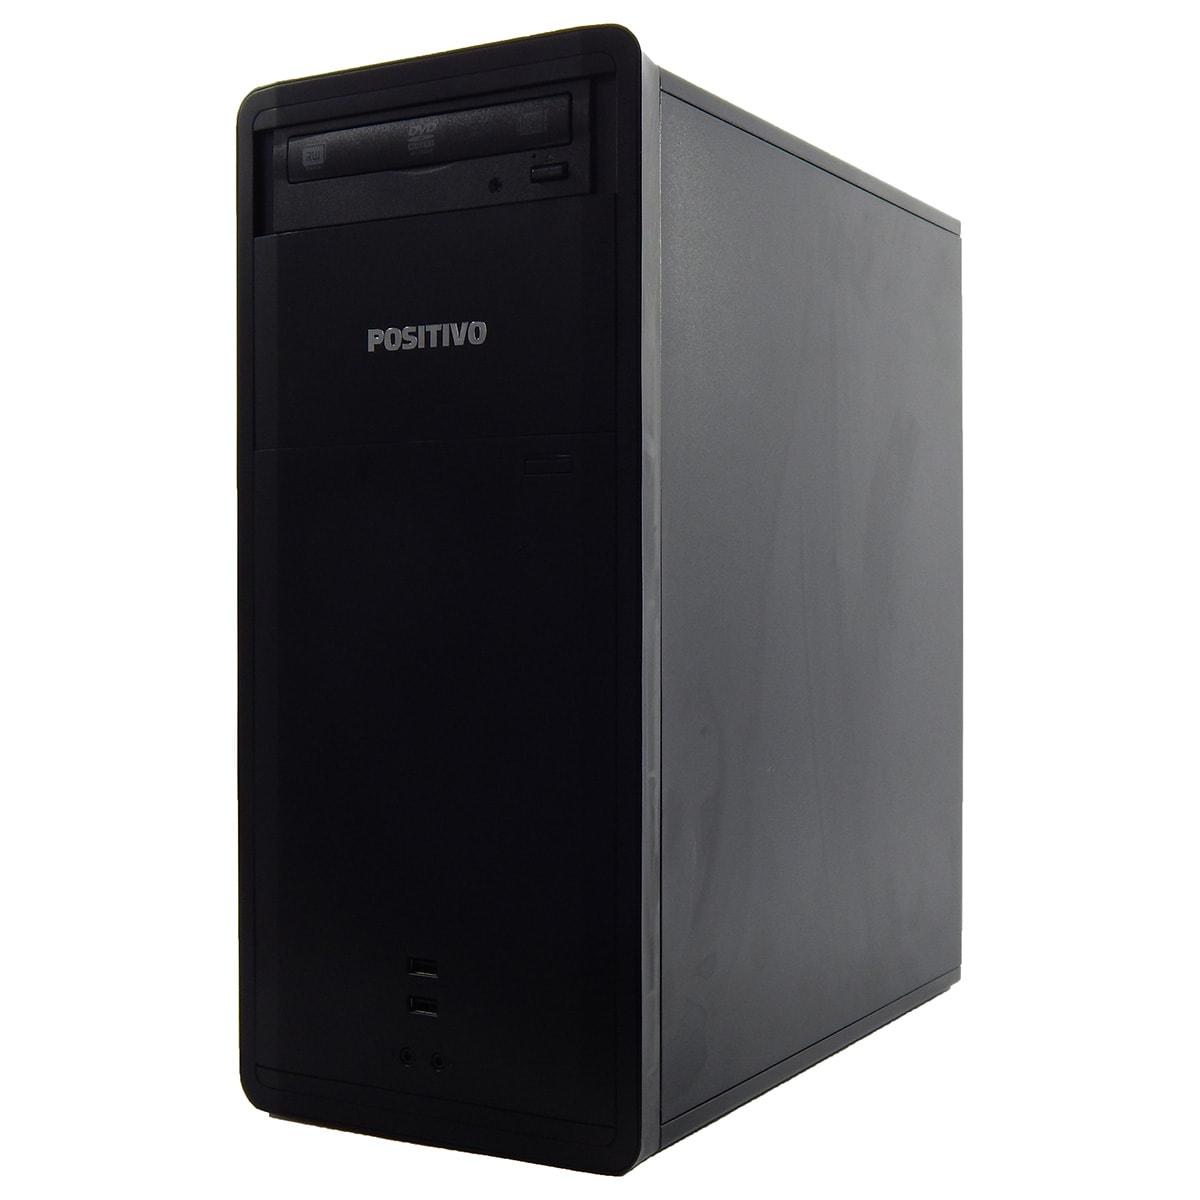 PC POSITIVO PREMIUM DRI8212 Core I5-4460 8G DDR3 HD 1Tb - Reembalado